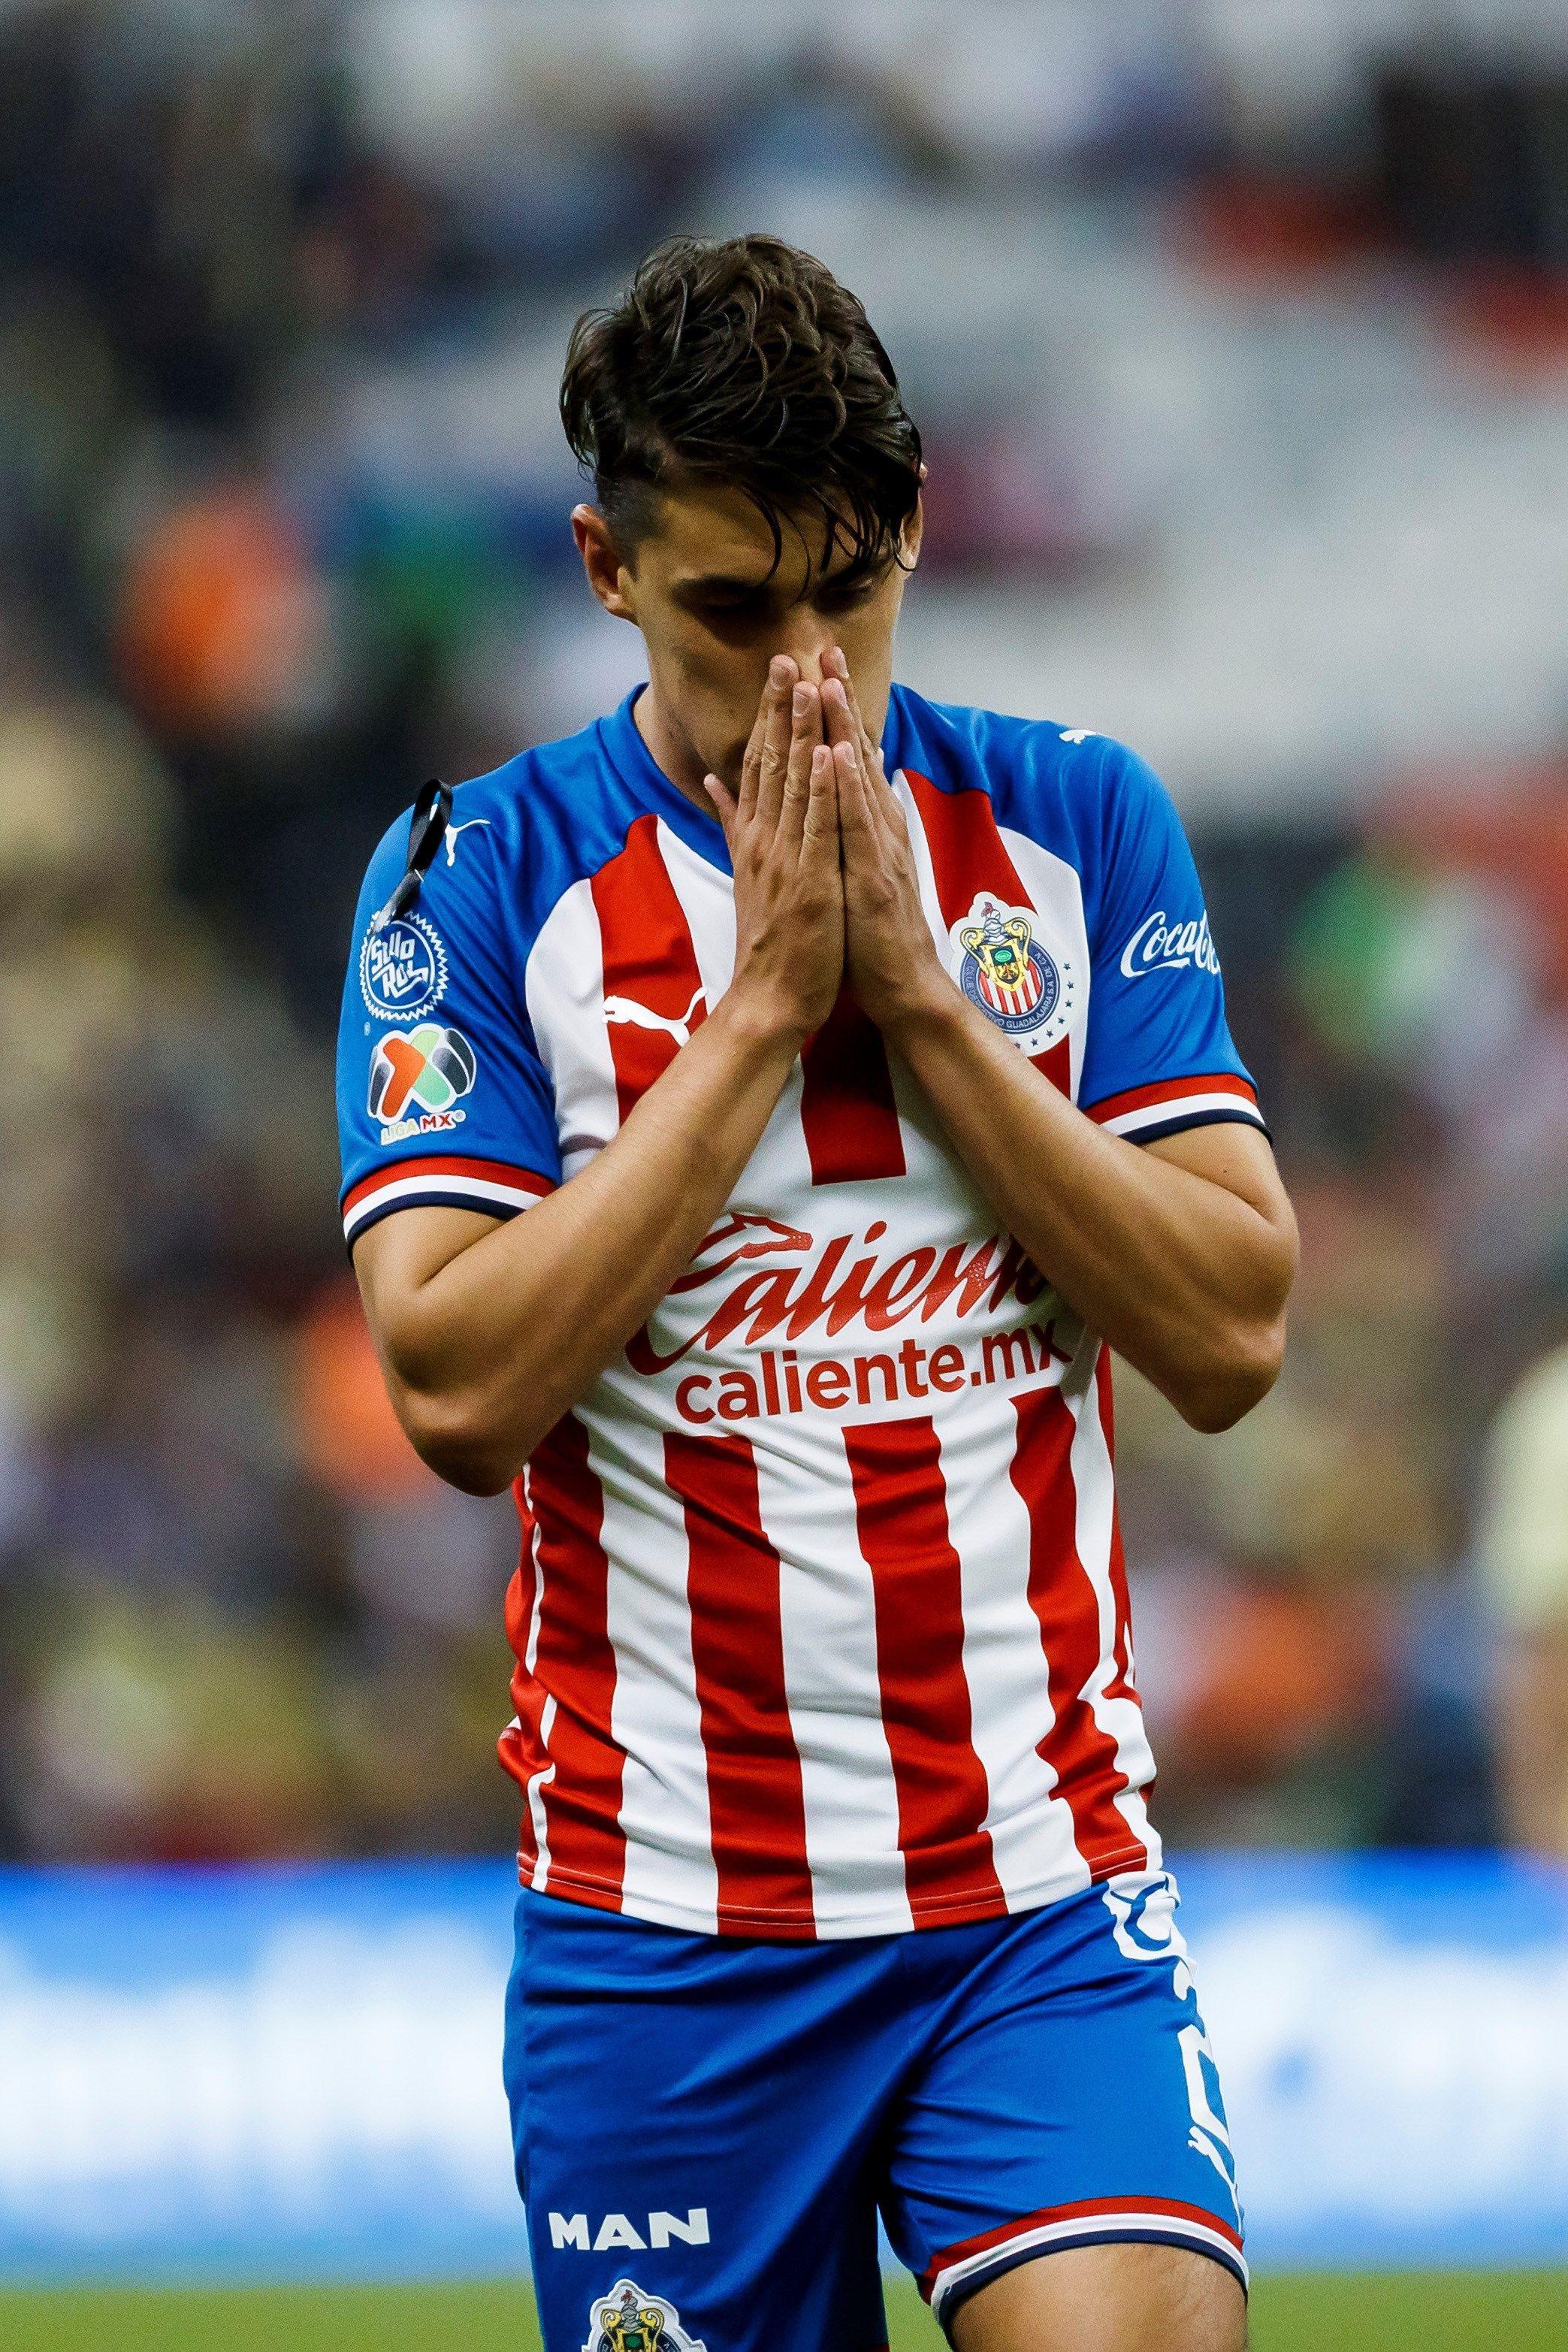 Chivas está en uno de los momentos más oscuros de su historia (Foto: EFE/José Méndez)